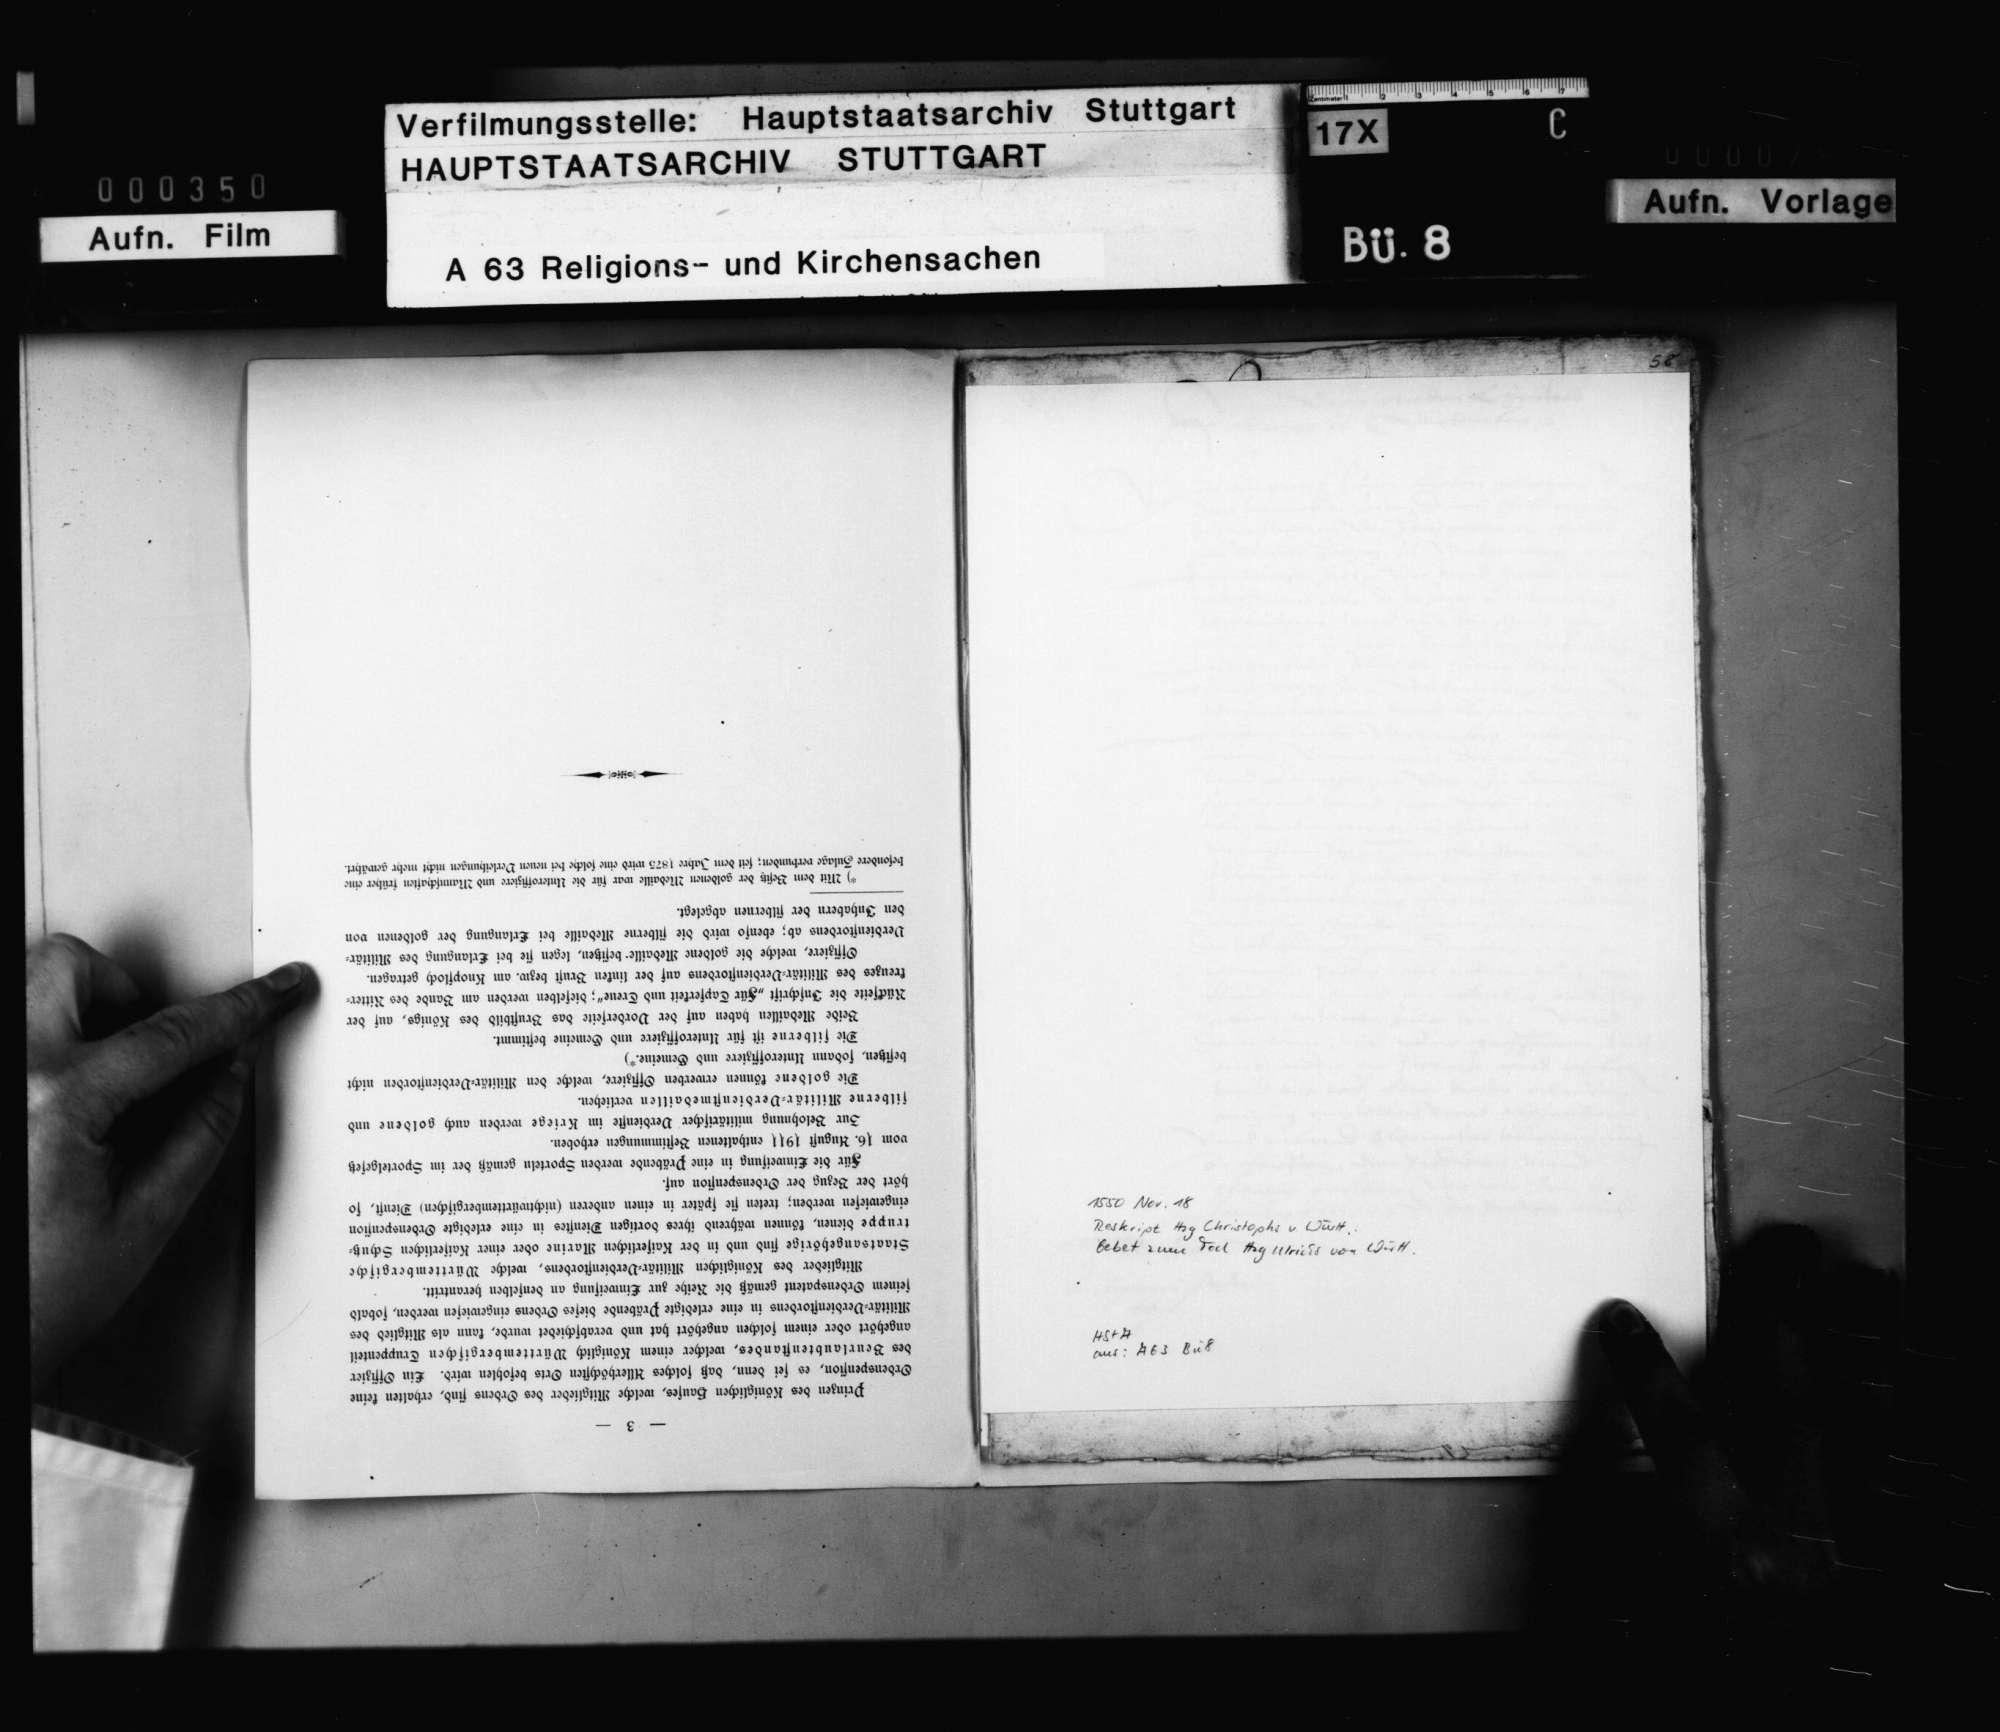 Reskript Herzog Christophs, betreffend die Anordnung eines Gebets auf das Ableben Herzog Ulrichs, und Befehl, sich auf der Kanzel hitziger Worte zu enthalten., Bild 2